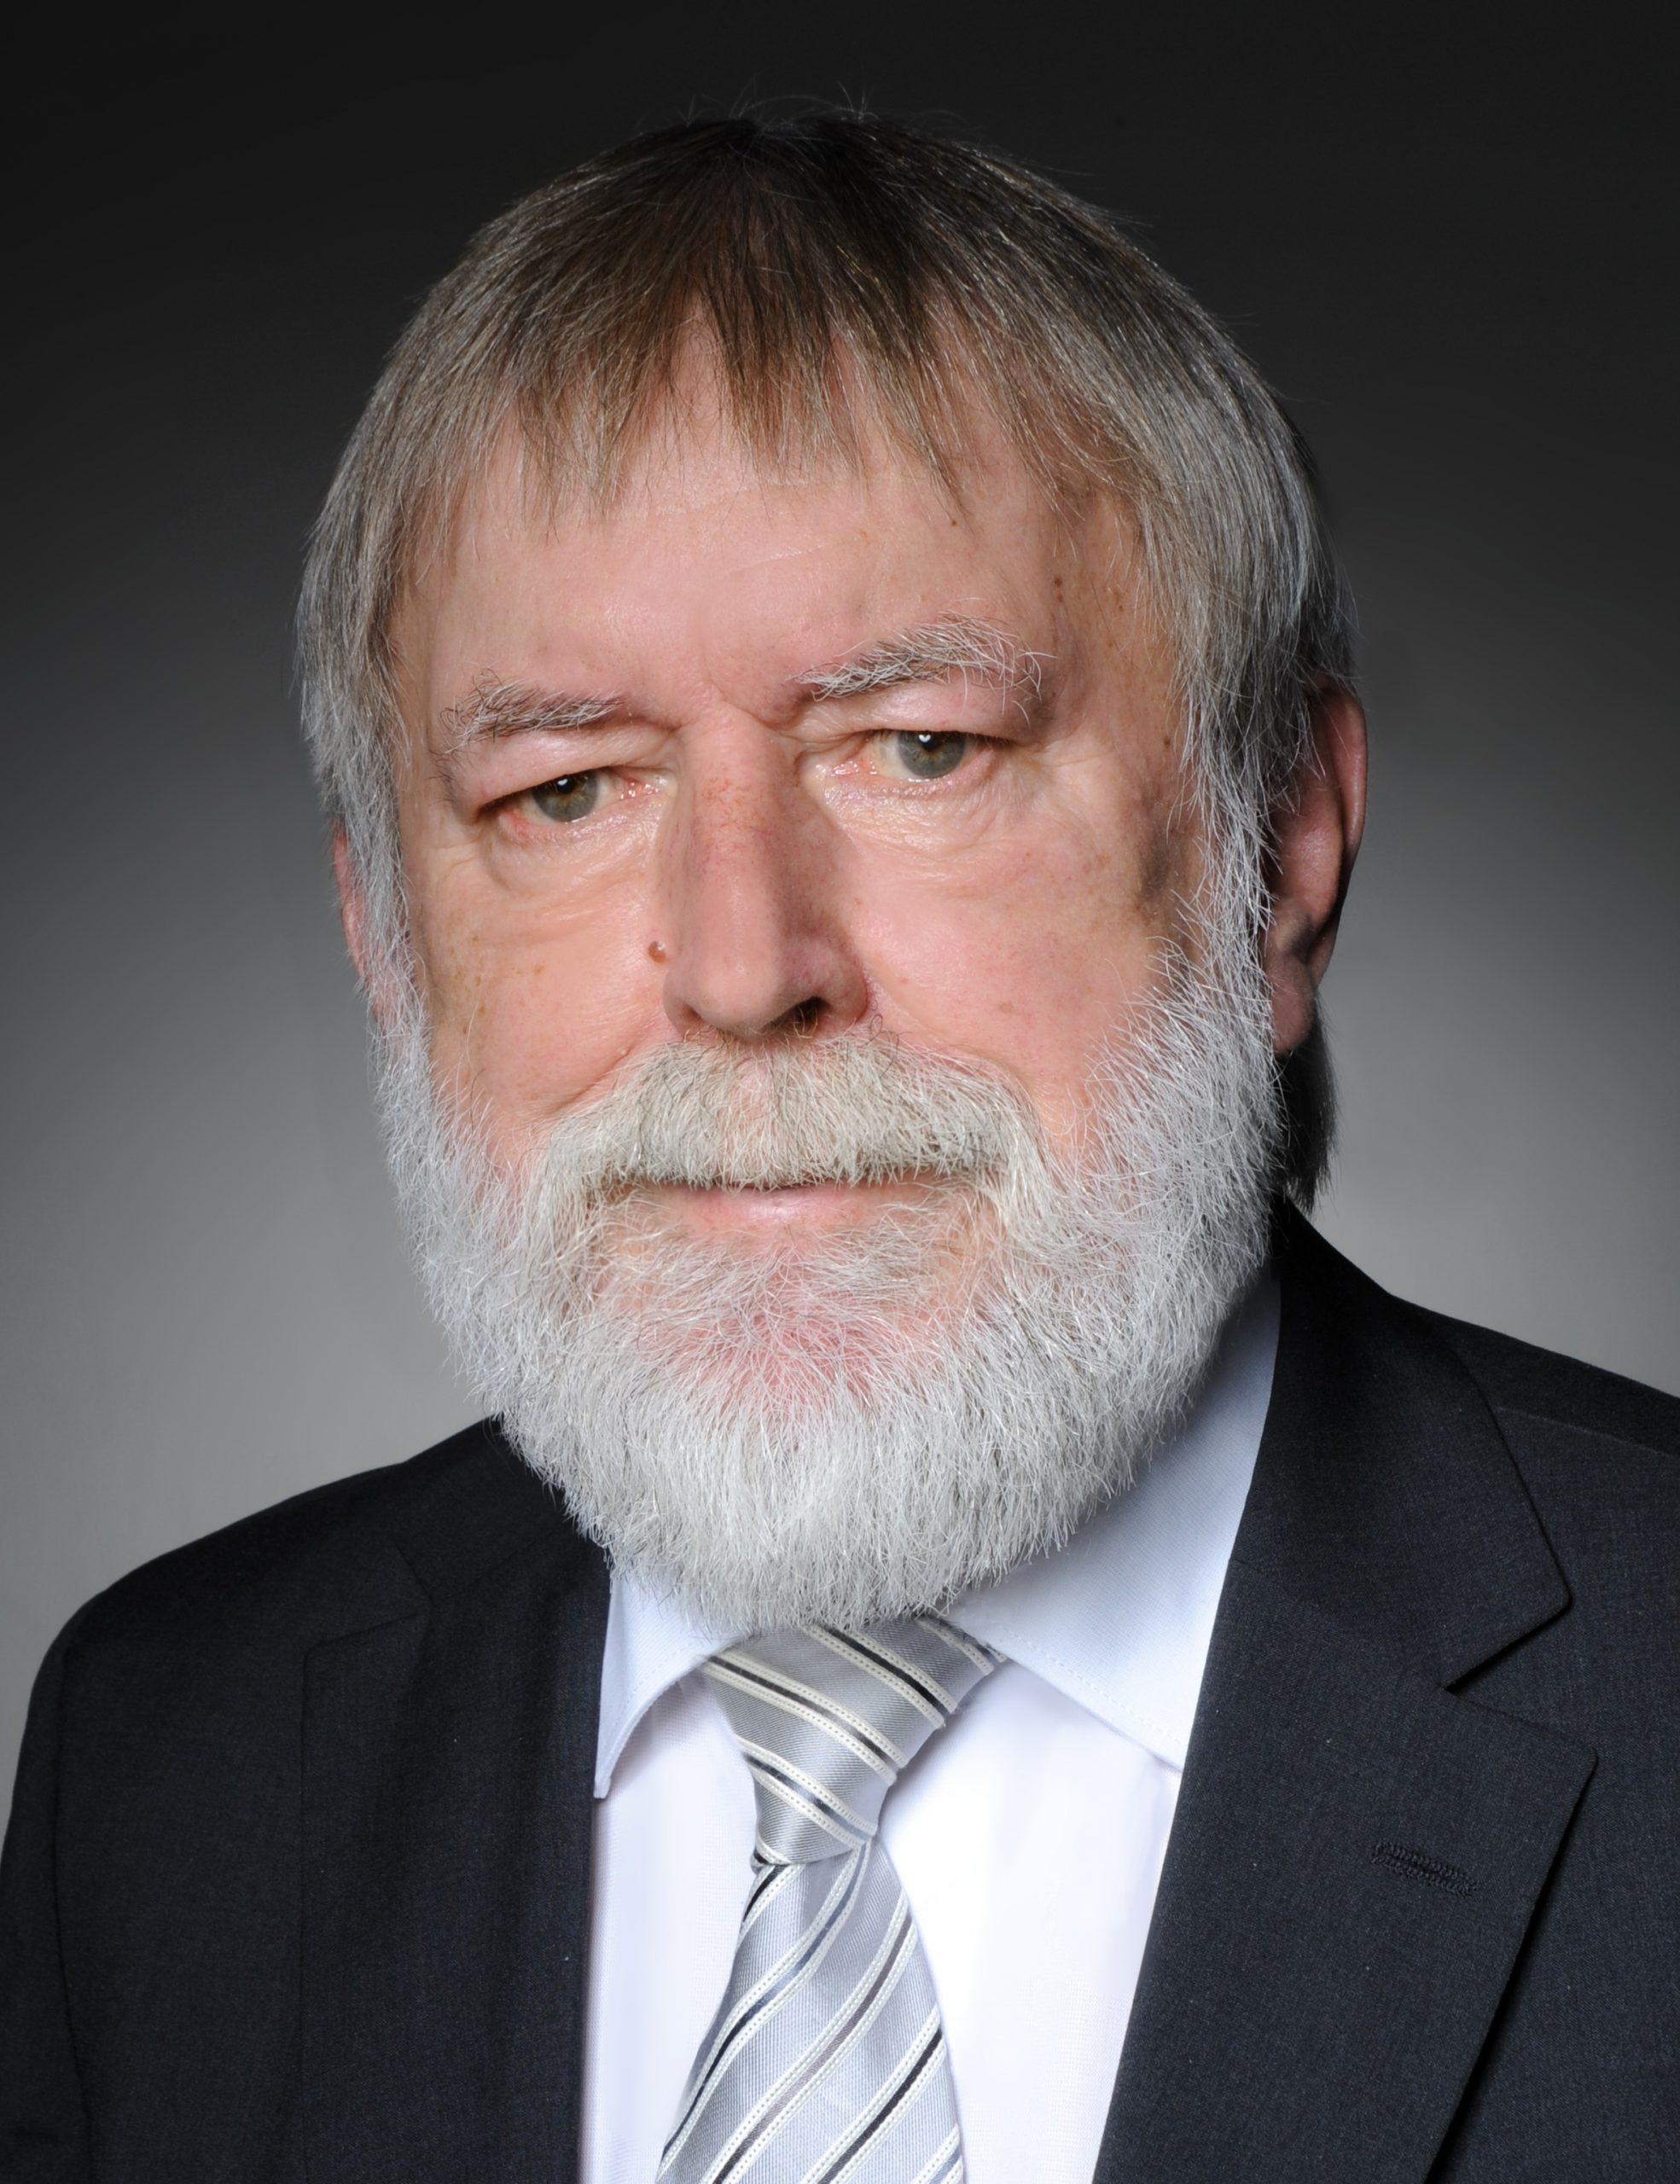 Siegfried Kummer